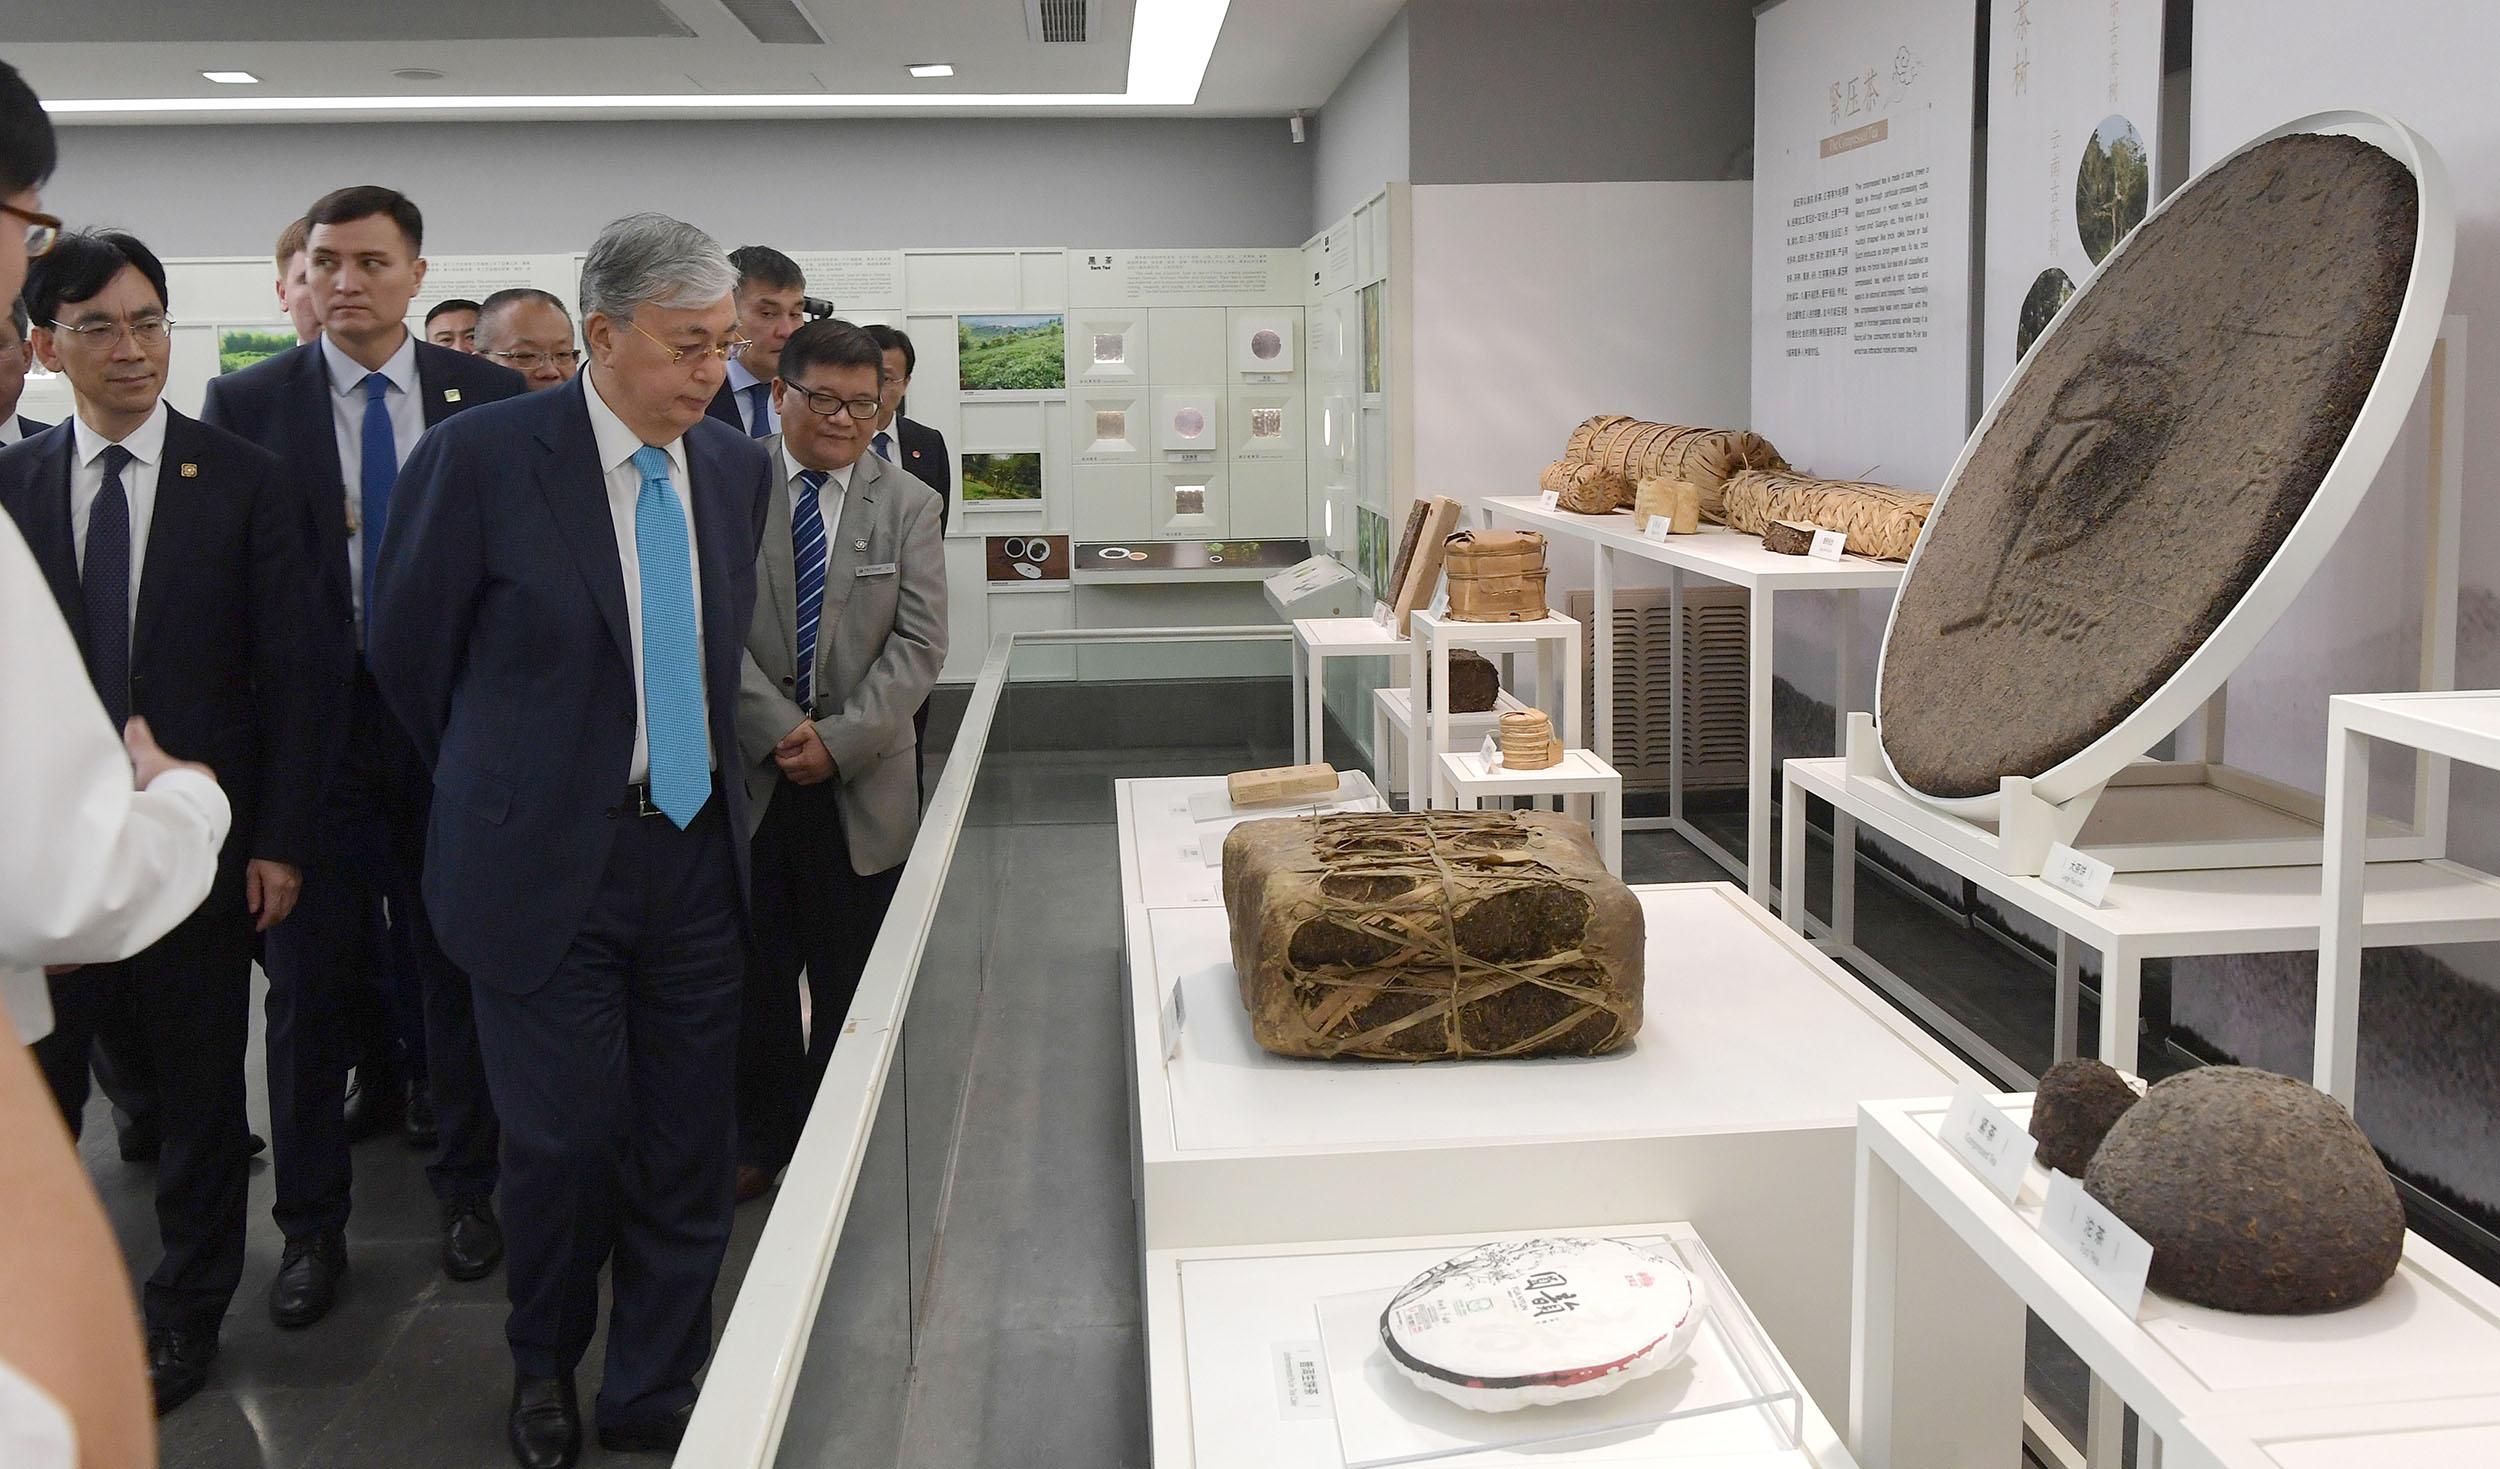 Мемлекет басшысы Ханчжоу қаласының мәдени нысандарын аралады